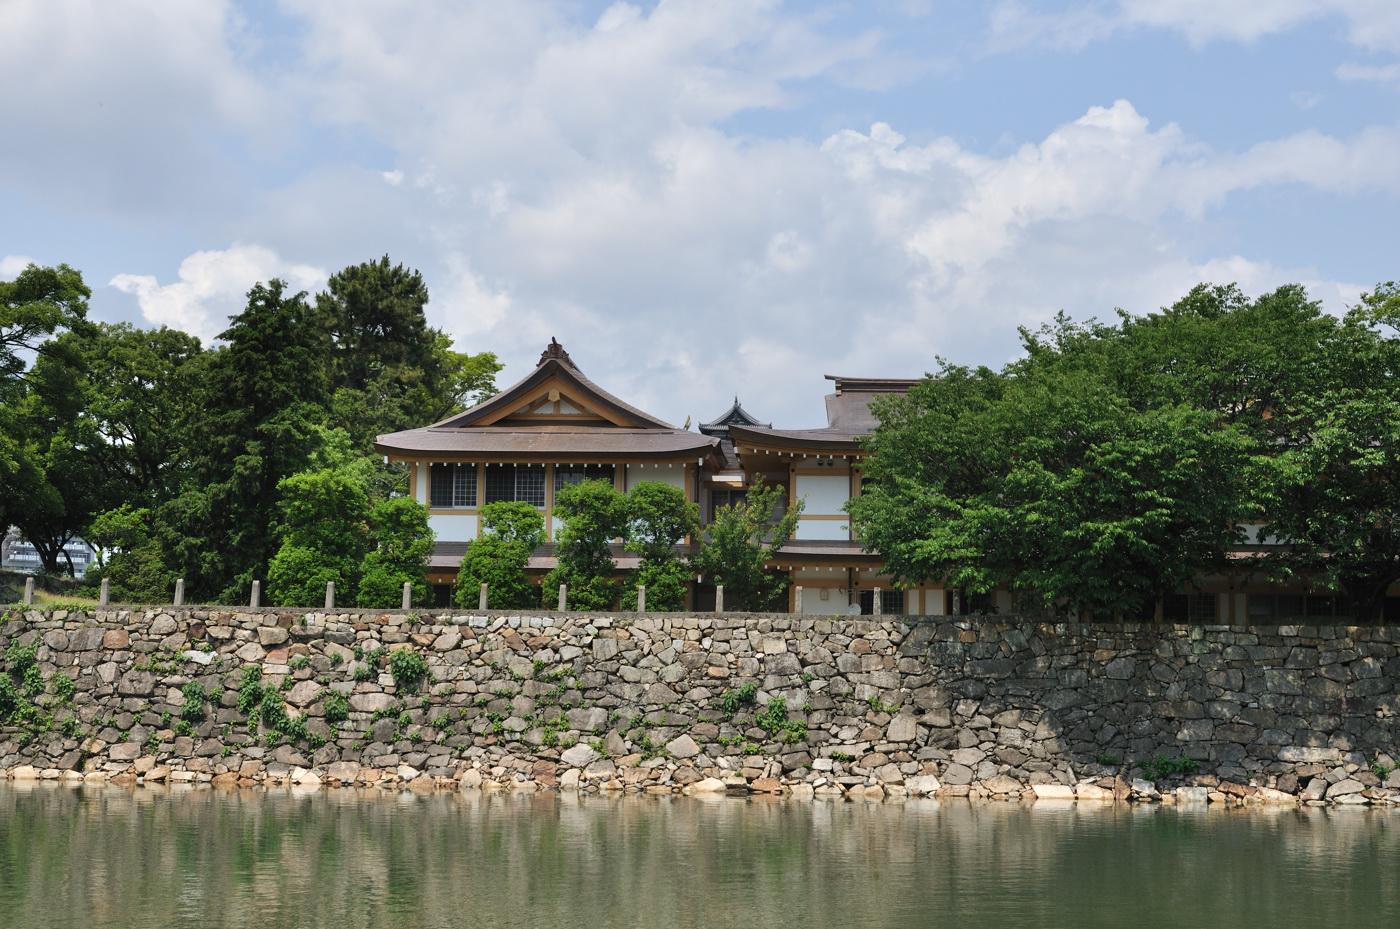 広島城の中にある神社